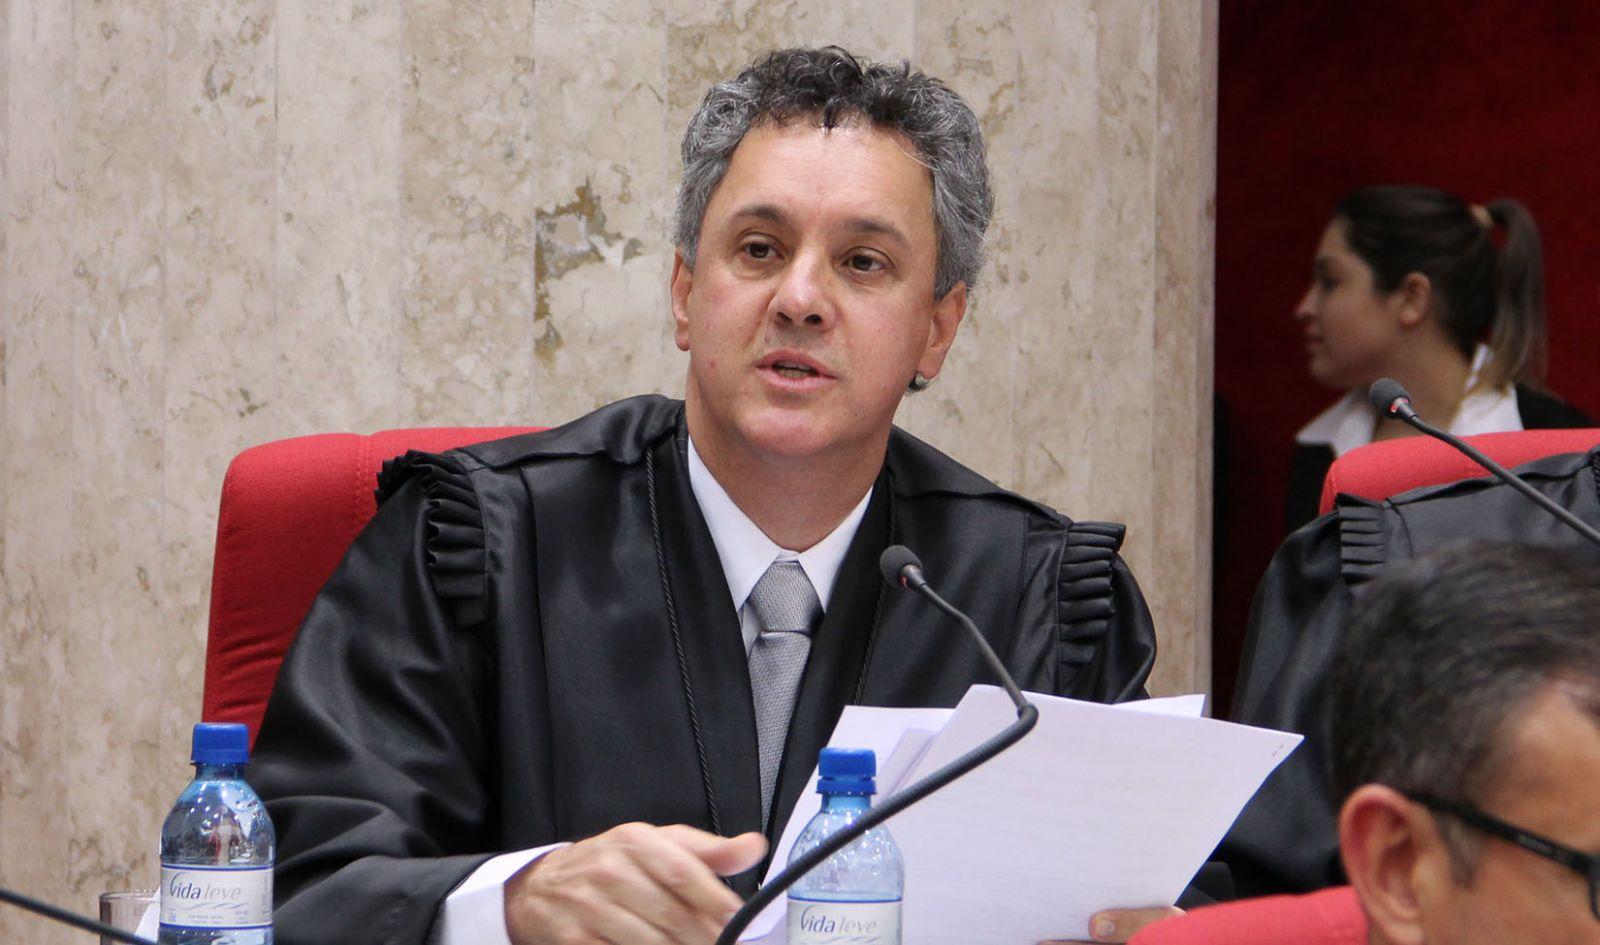 LOGO APOS O TRF-4 EMITIR NOTA QUE LULA NÃO SERÁ PRESO IMEDIATO, O CONDENADO NÃO IRÁ A PORTO ALEGRE